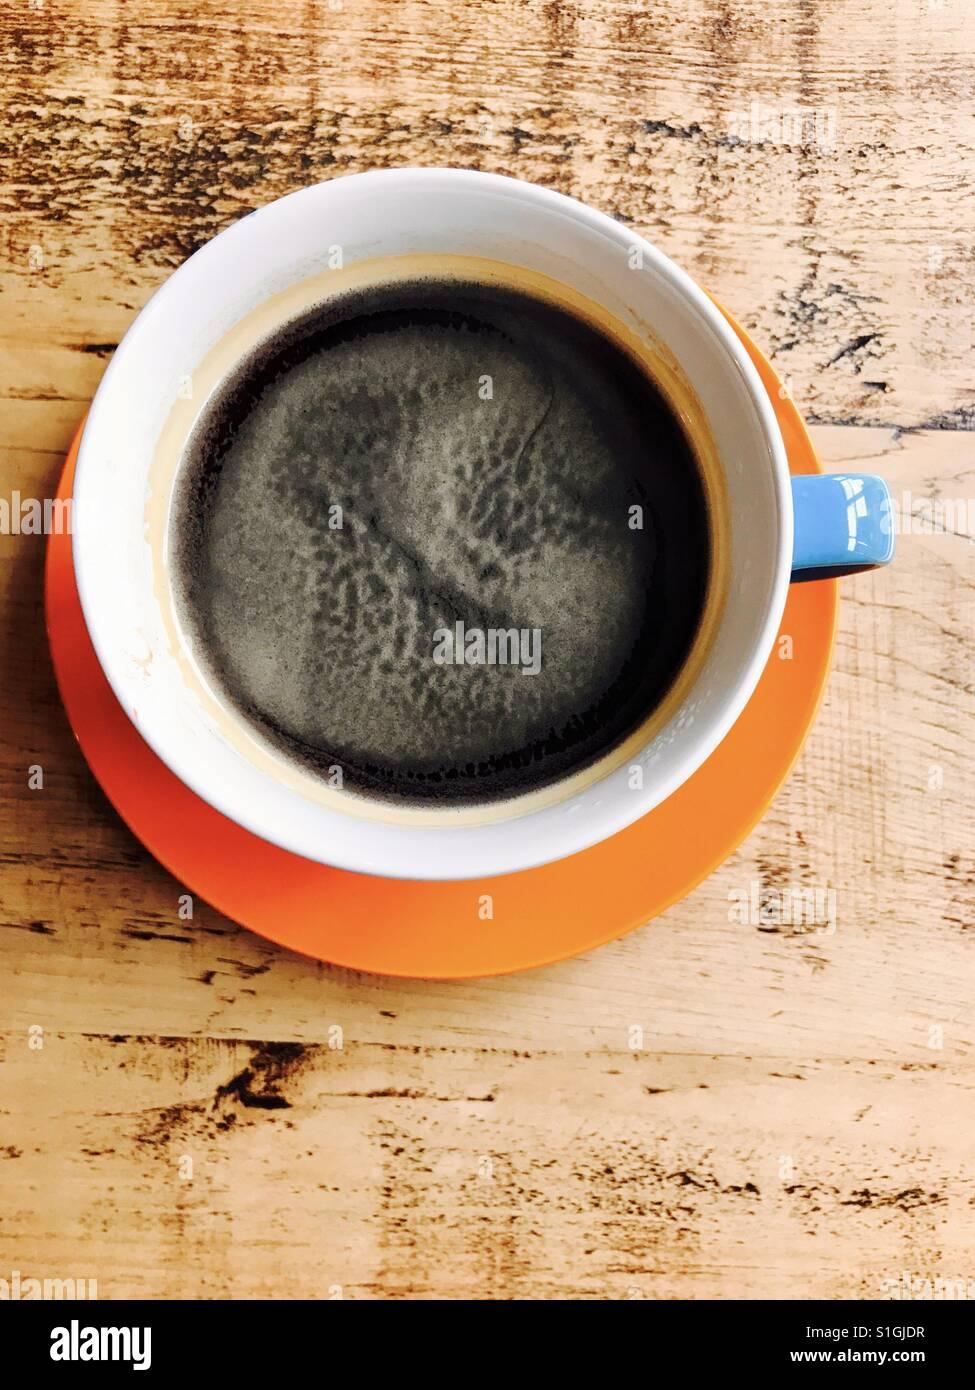 Una taza de café en una mesa de madera Imagen De Stock